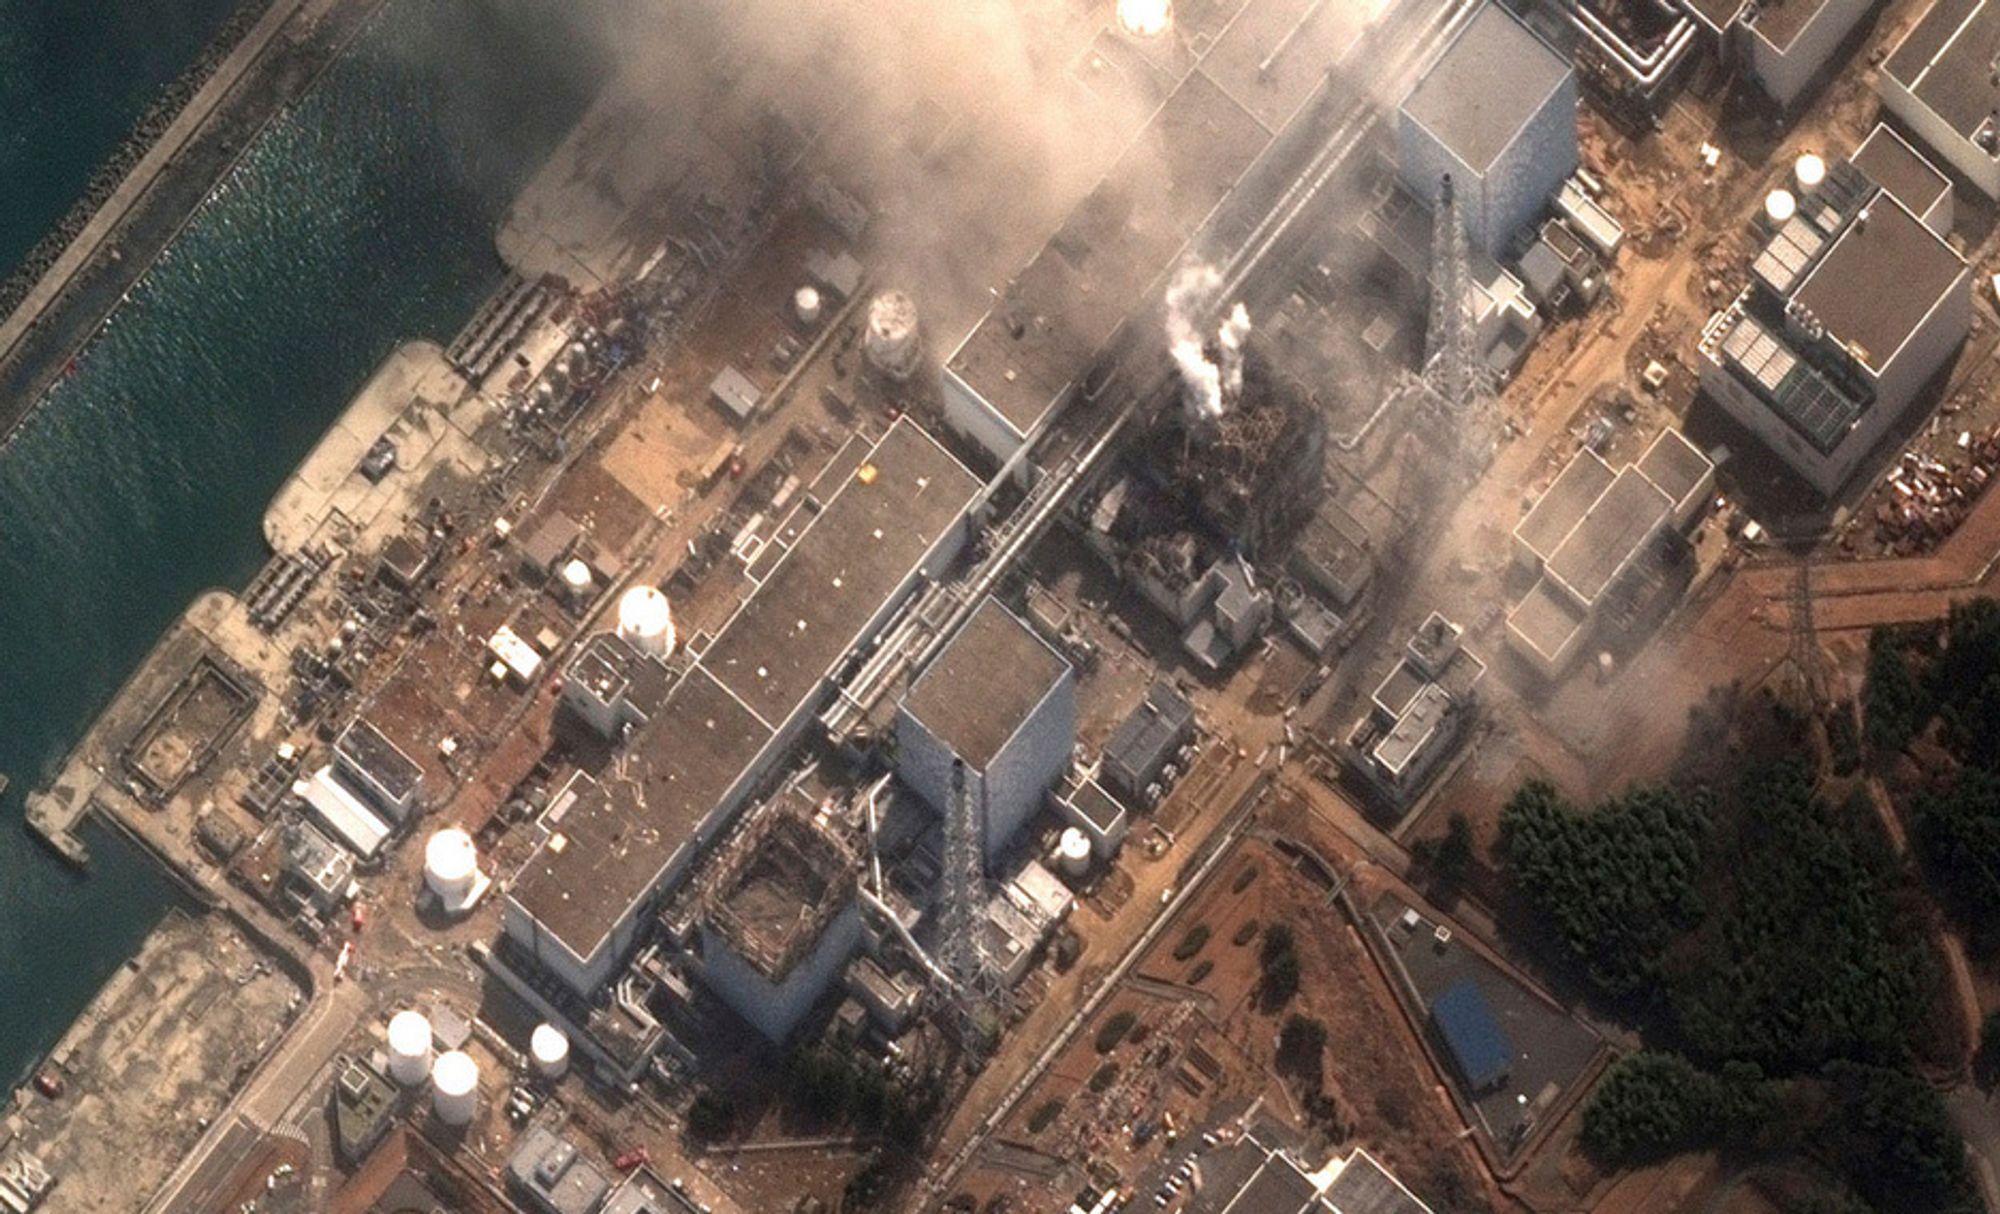 INGEN KATASTROFE: - Begrepet katastrofe kan ikke brukes på nåværende situasjon ved Fukushima-anlegget, mener professor Brit Salbu.